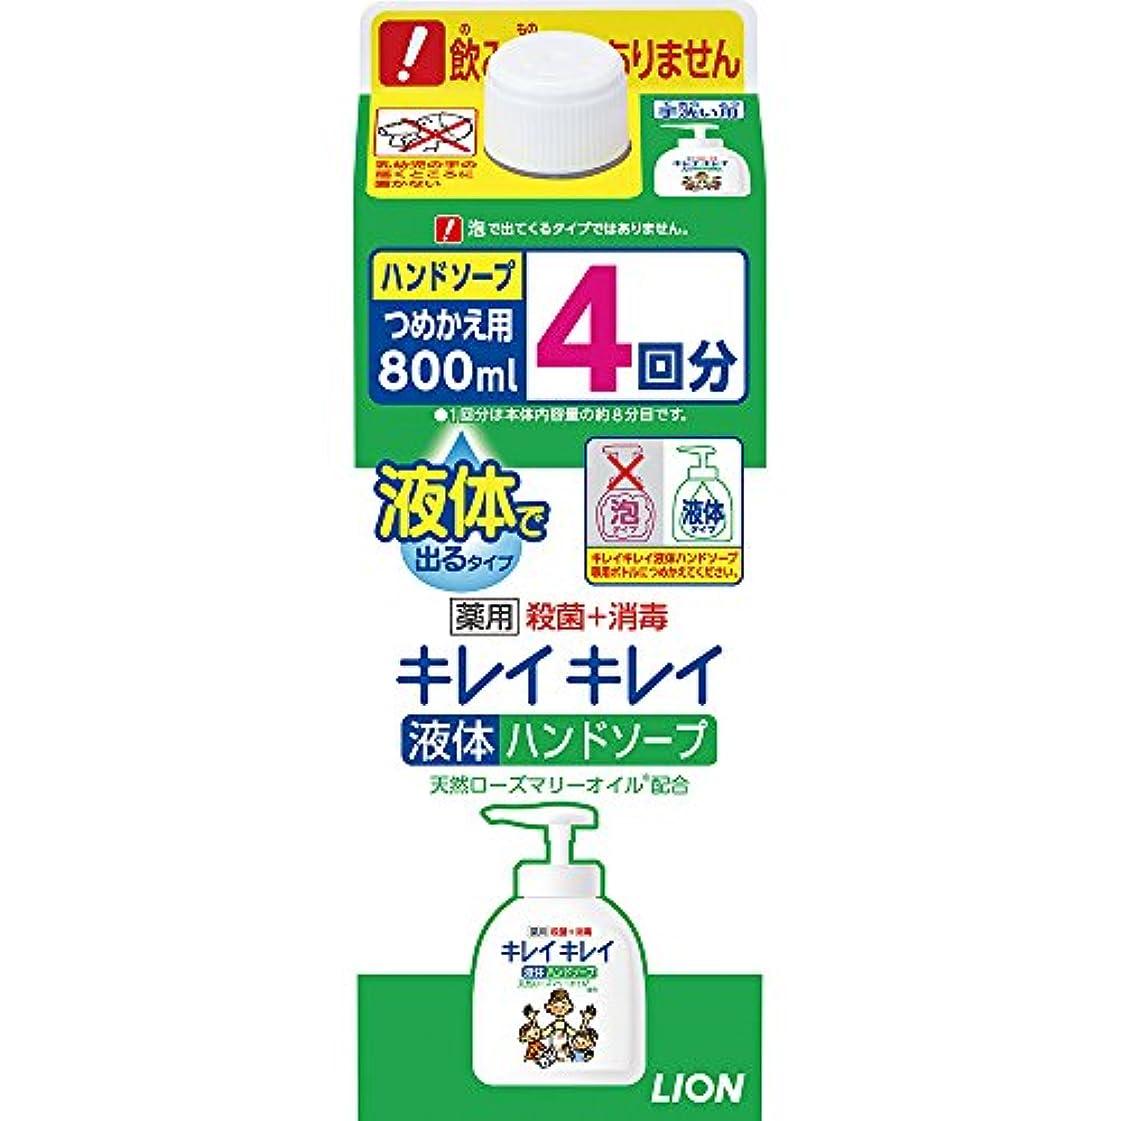 遵守するセレナジュニア(医薬部外品)【大容量】キレイキレイ 薬用 液体ハンドソープ 詰め替え 特大 800ml